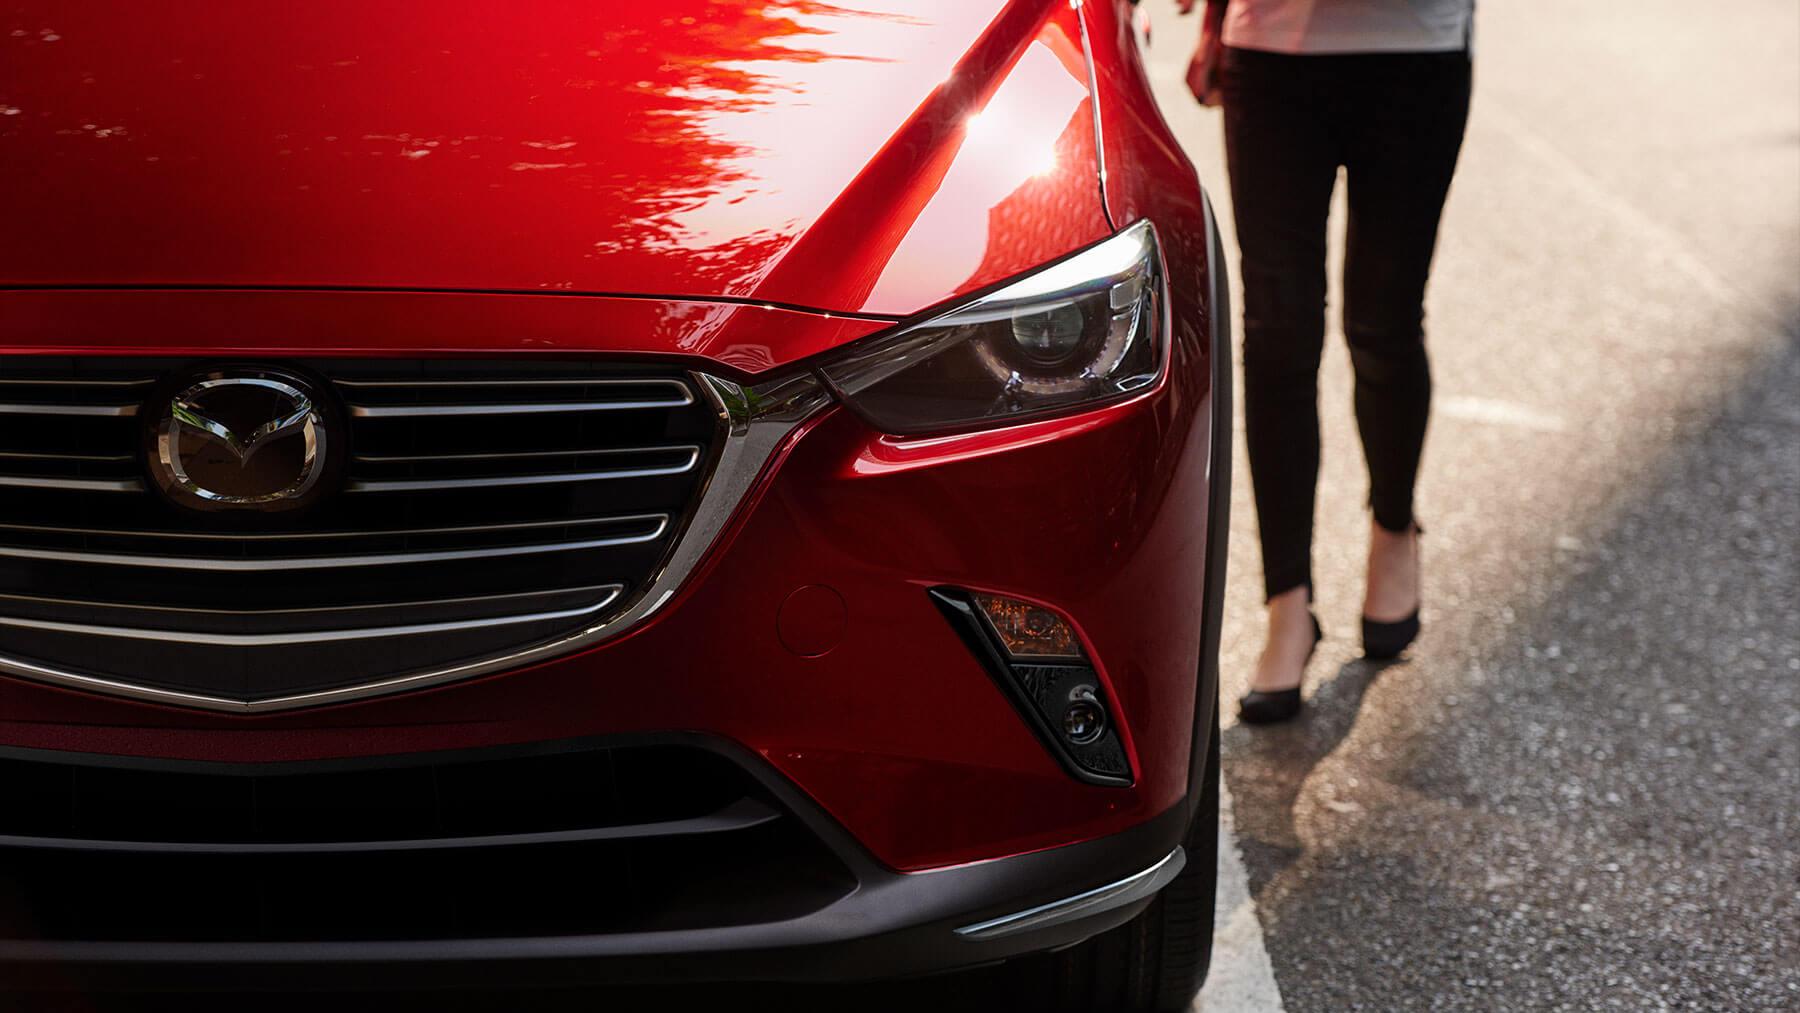 Mazda New Mazda CX-3 R 2.0L 2WD 6AT I-STOP - Galería interior - imágen 0